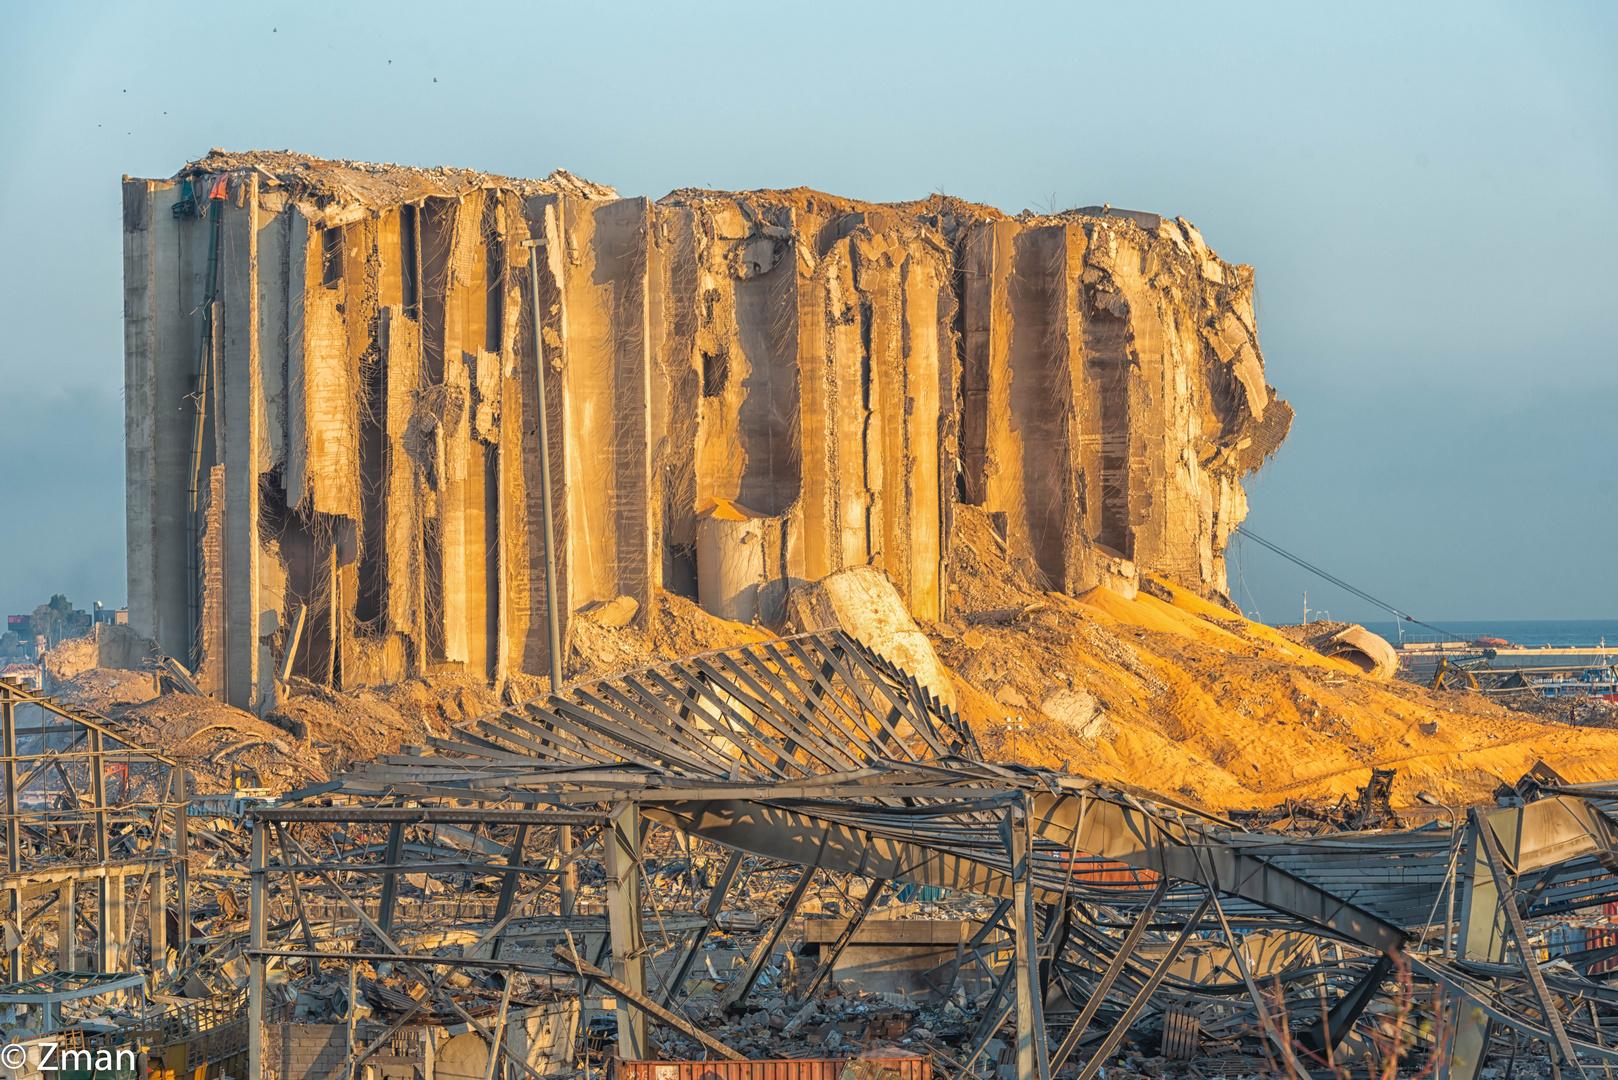 LAN_0627-The Big Explosion In Beirut